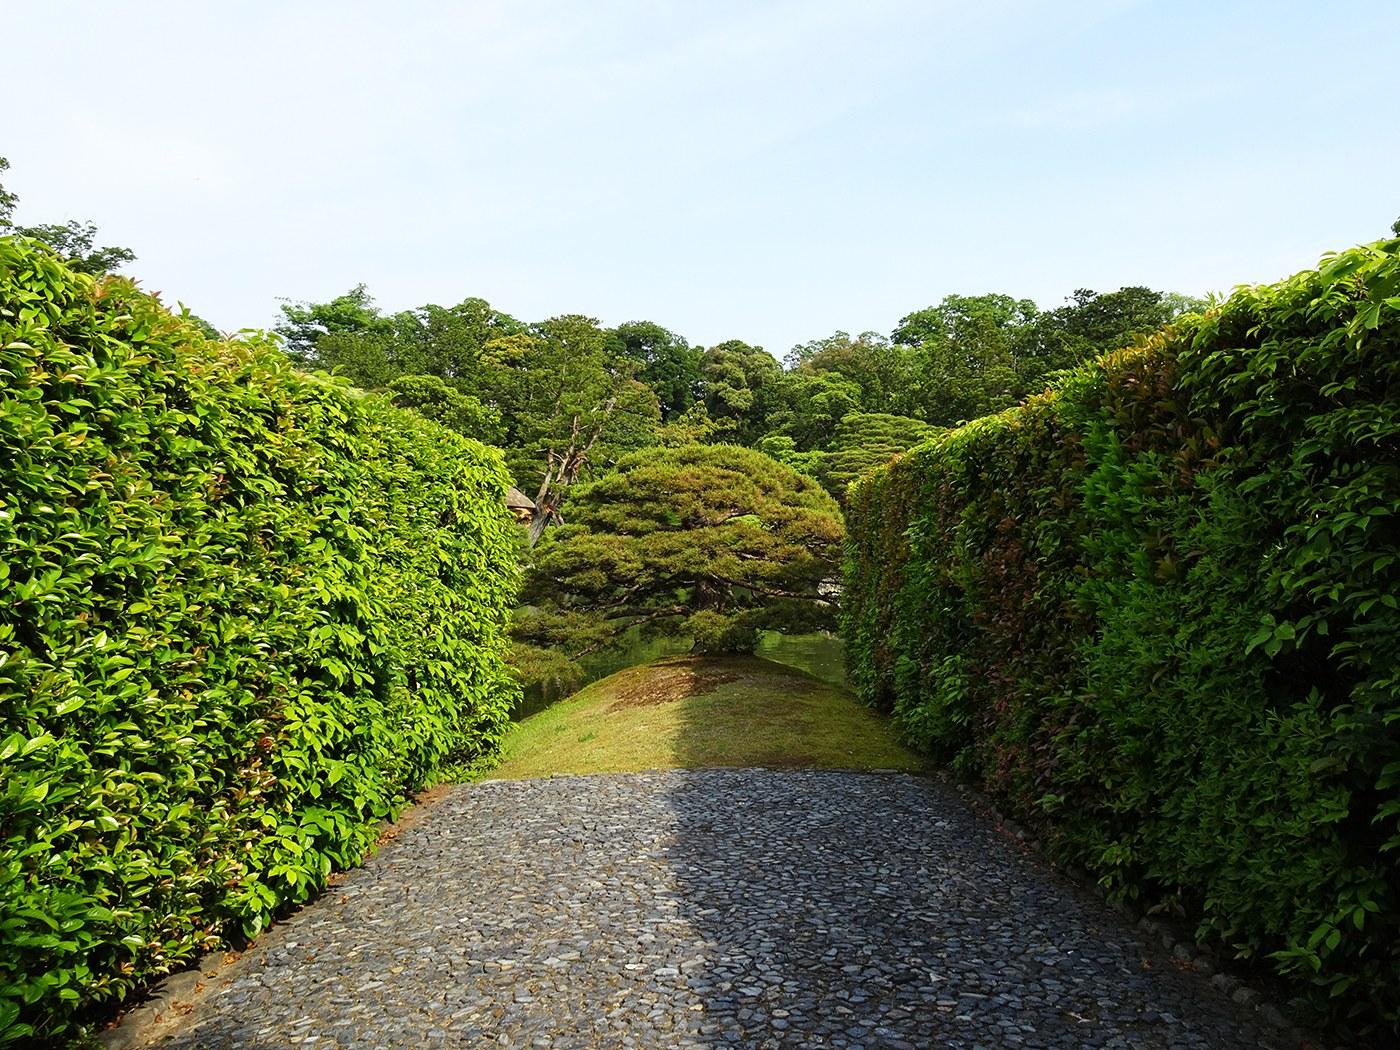 Katsura Palace